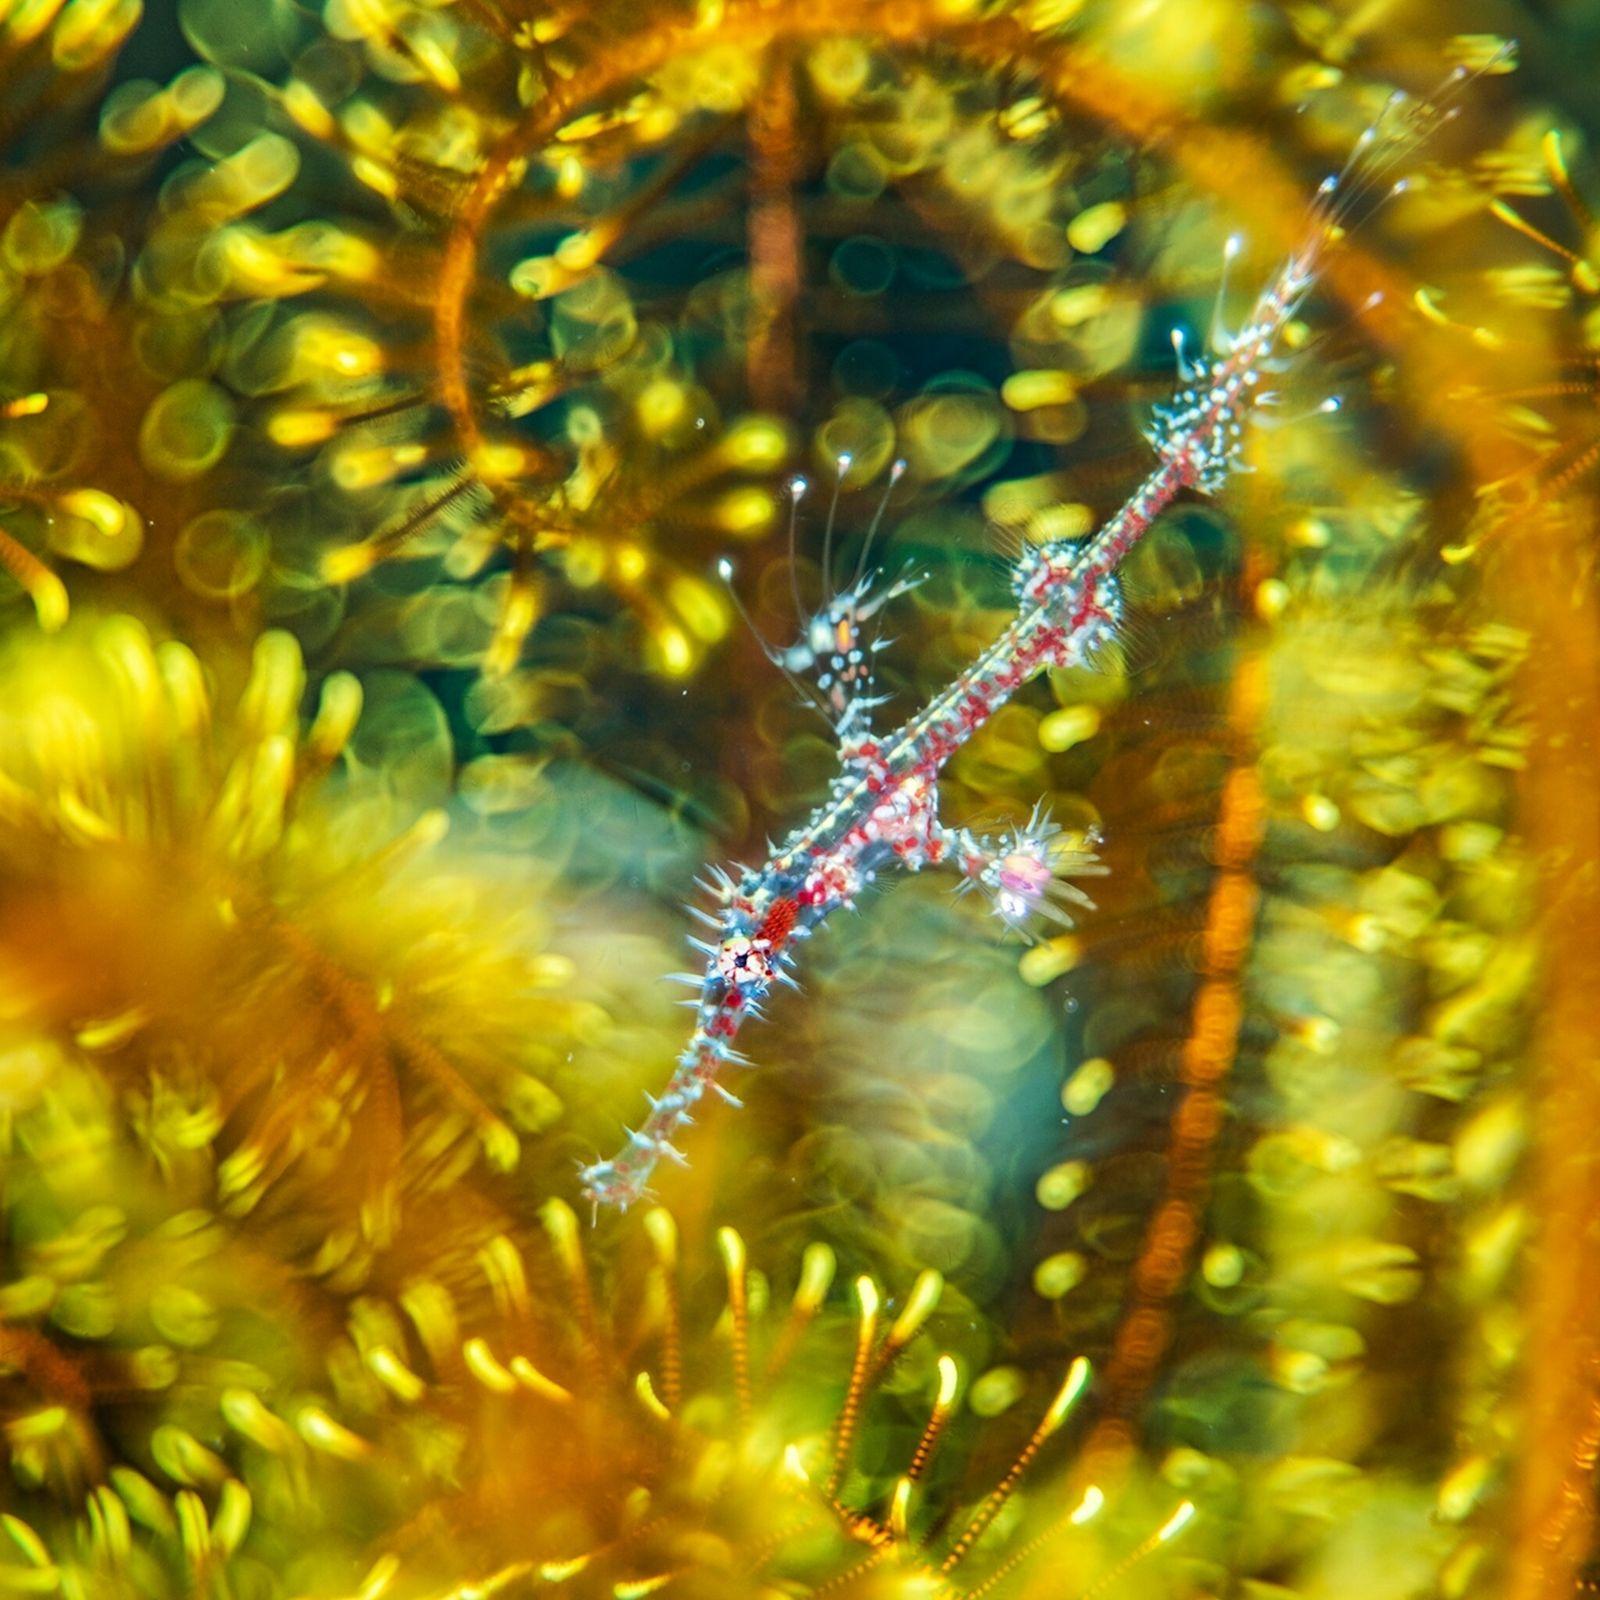 foto de um peixe Solenostomus paradoxus entre os braços de uma estrela-do-mar